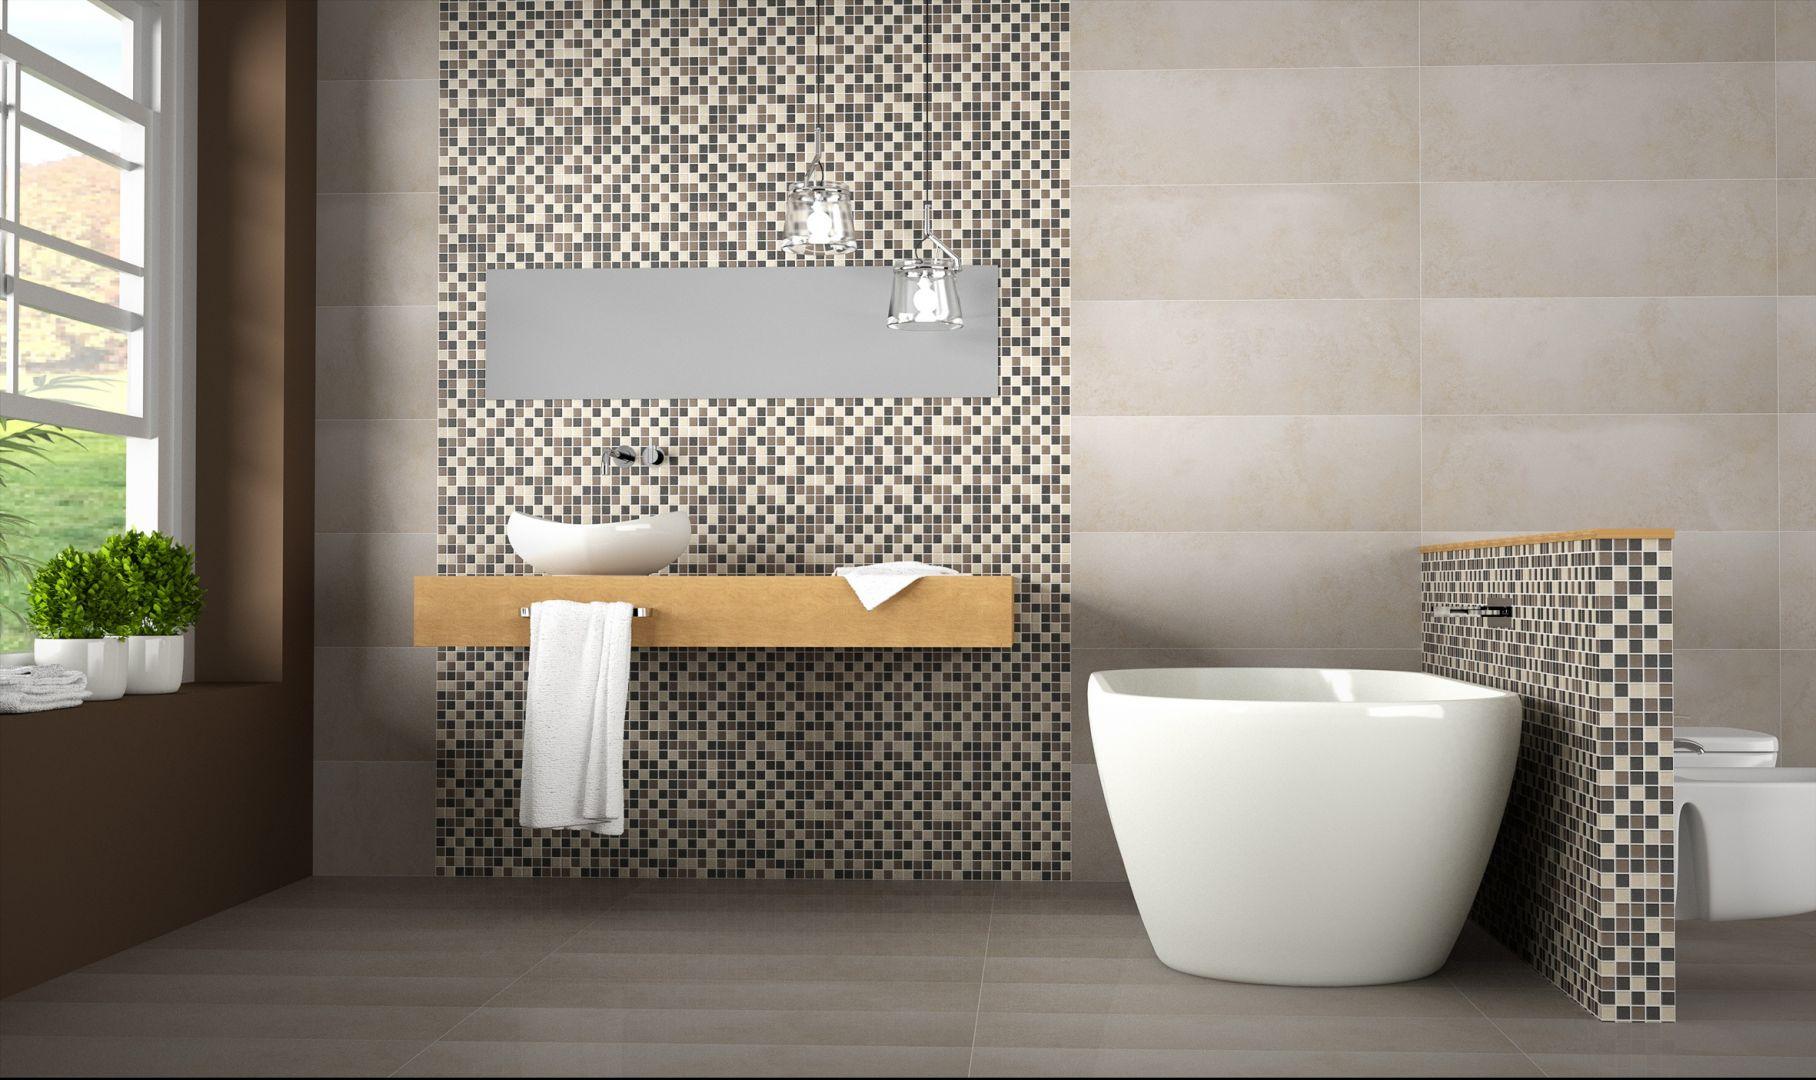 Białe, beżowe i szare kostki składają się na nowoczesną i efektowną mozaikę z kolekcji Mates Togama zaprezentowaną na fragmencie ściany i obudowie ścinki działowej. Fot. Togama